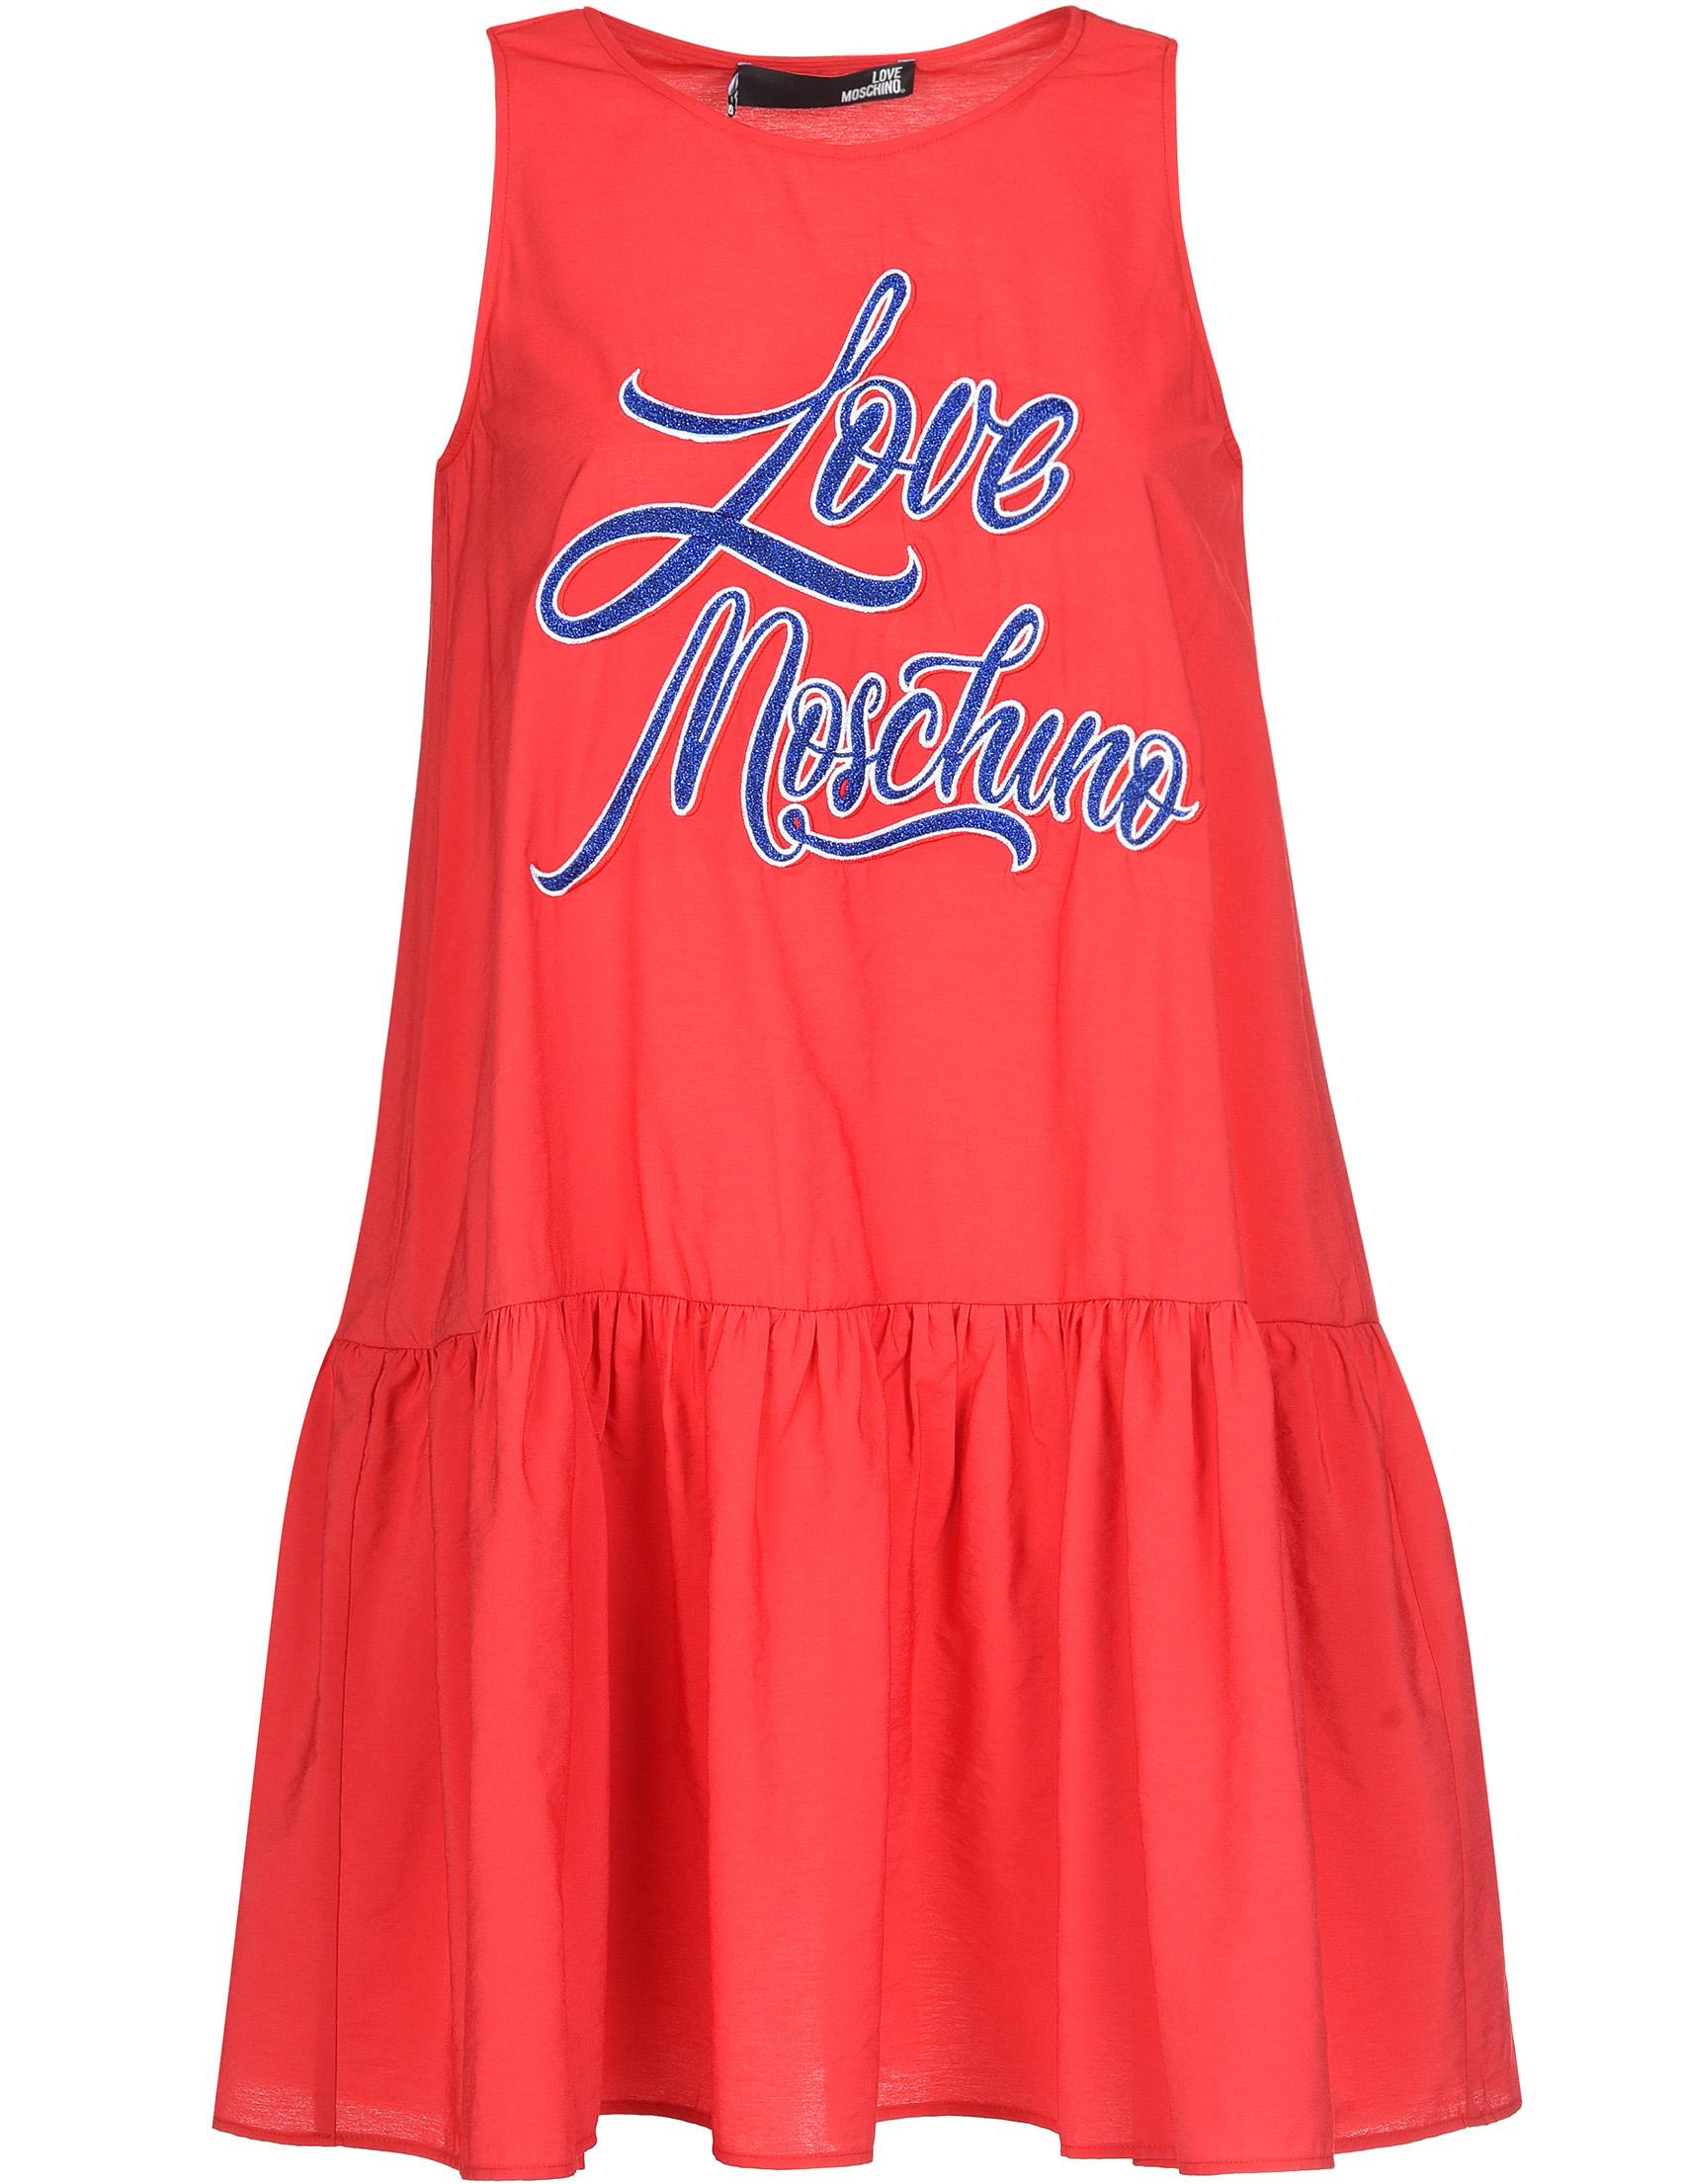 Купить Платье, LOVE MOSCHINO, Красный, 85%Вискоза 15%Полиамид, Весна-Лето